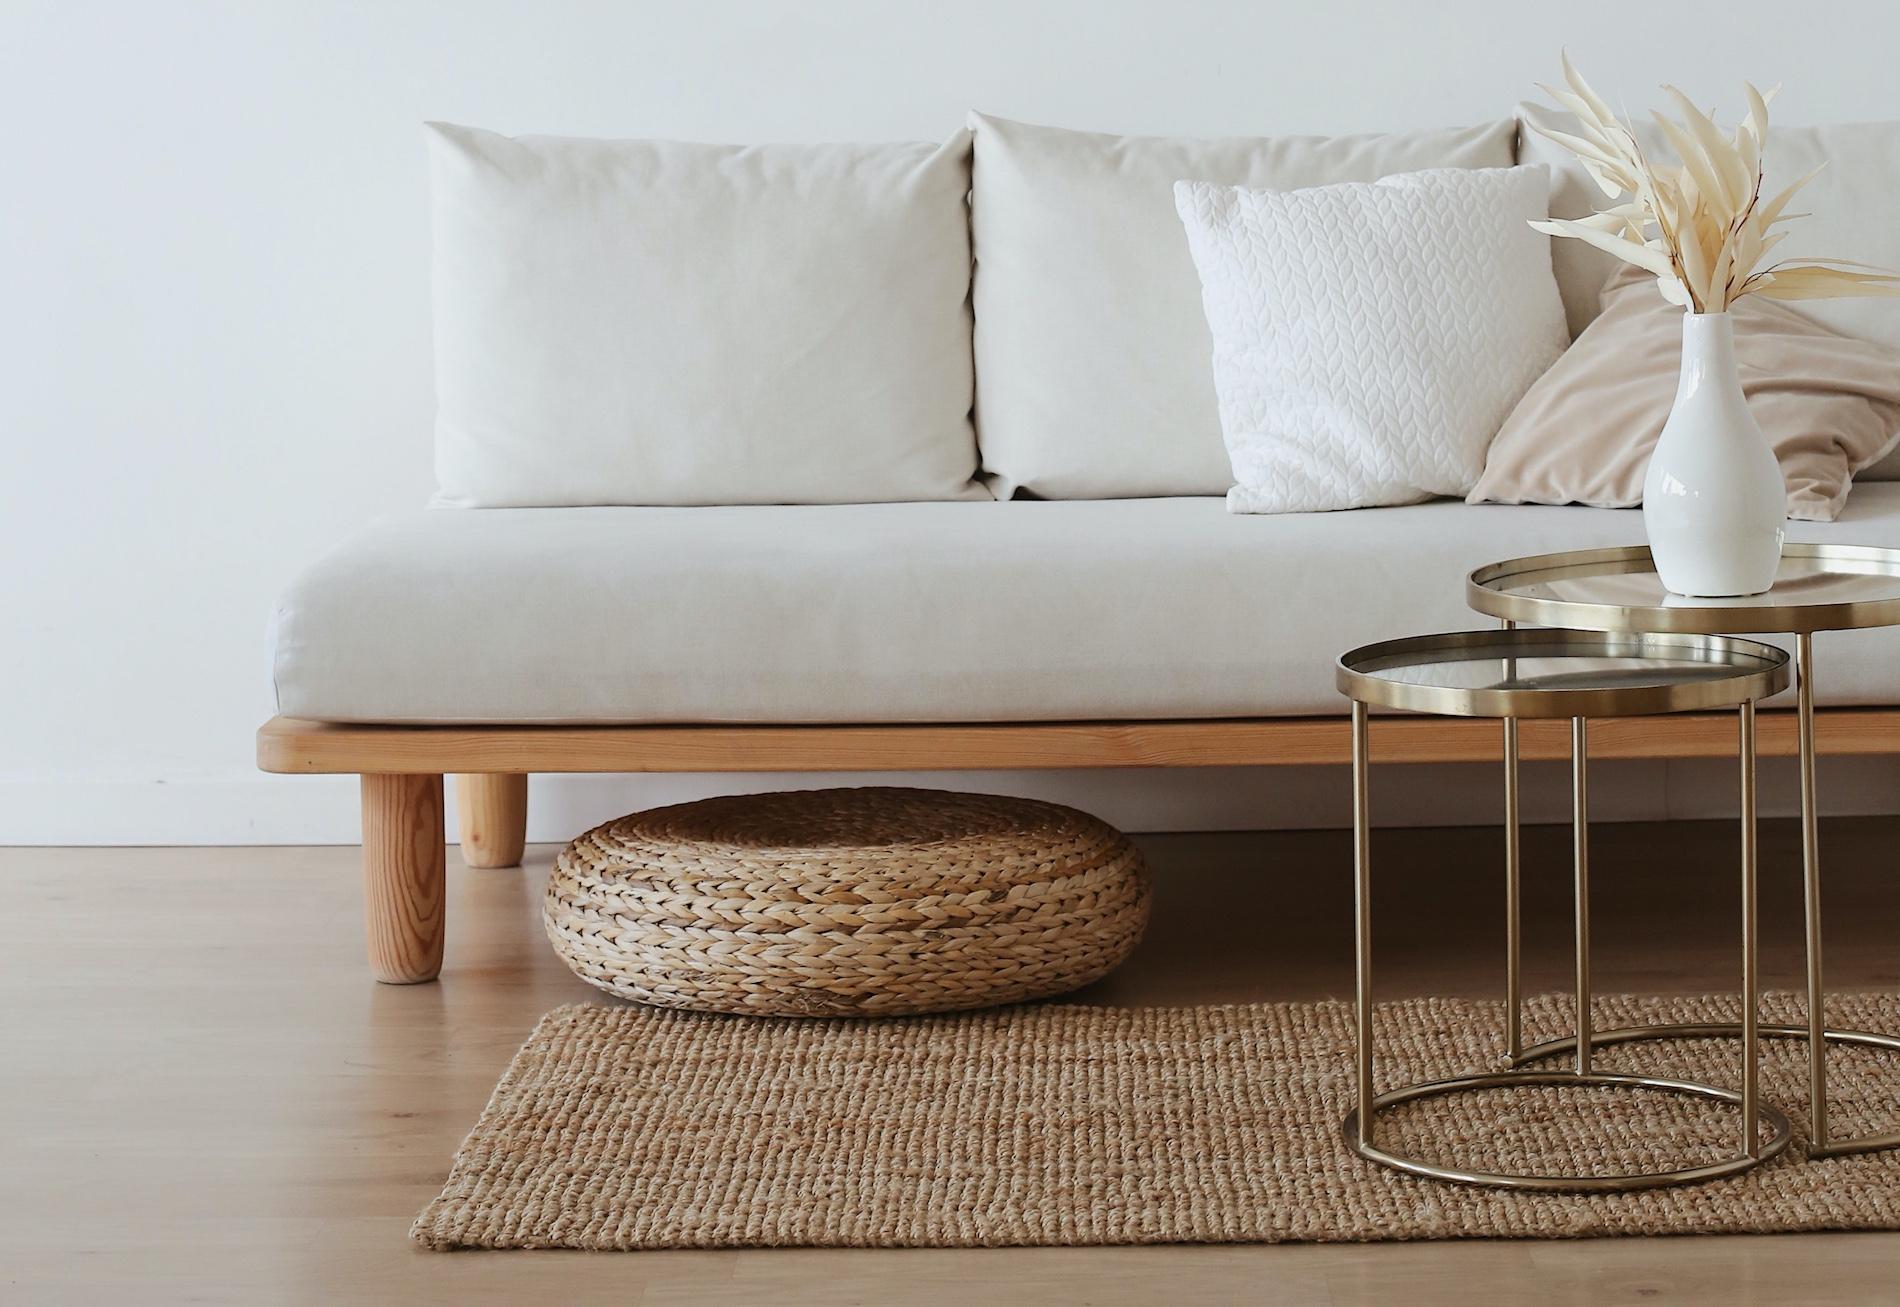 soffa hos designinredning med vas